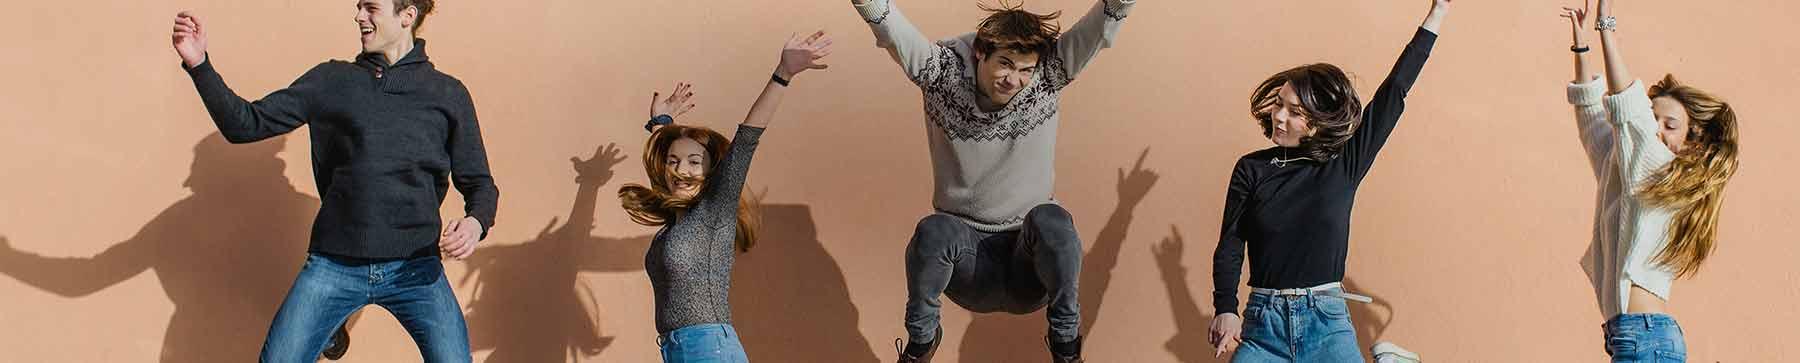 Une photo parfaitement cadencée d'un groupe d'amis sautant en l'air avec les mains en l'air